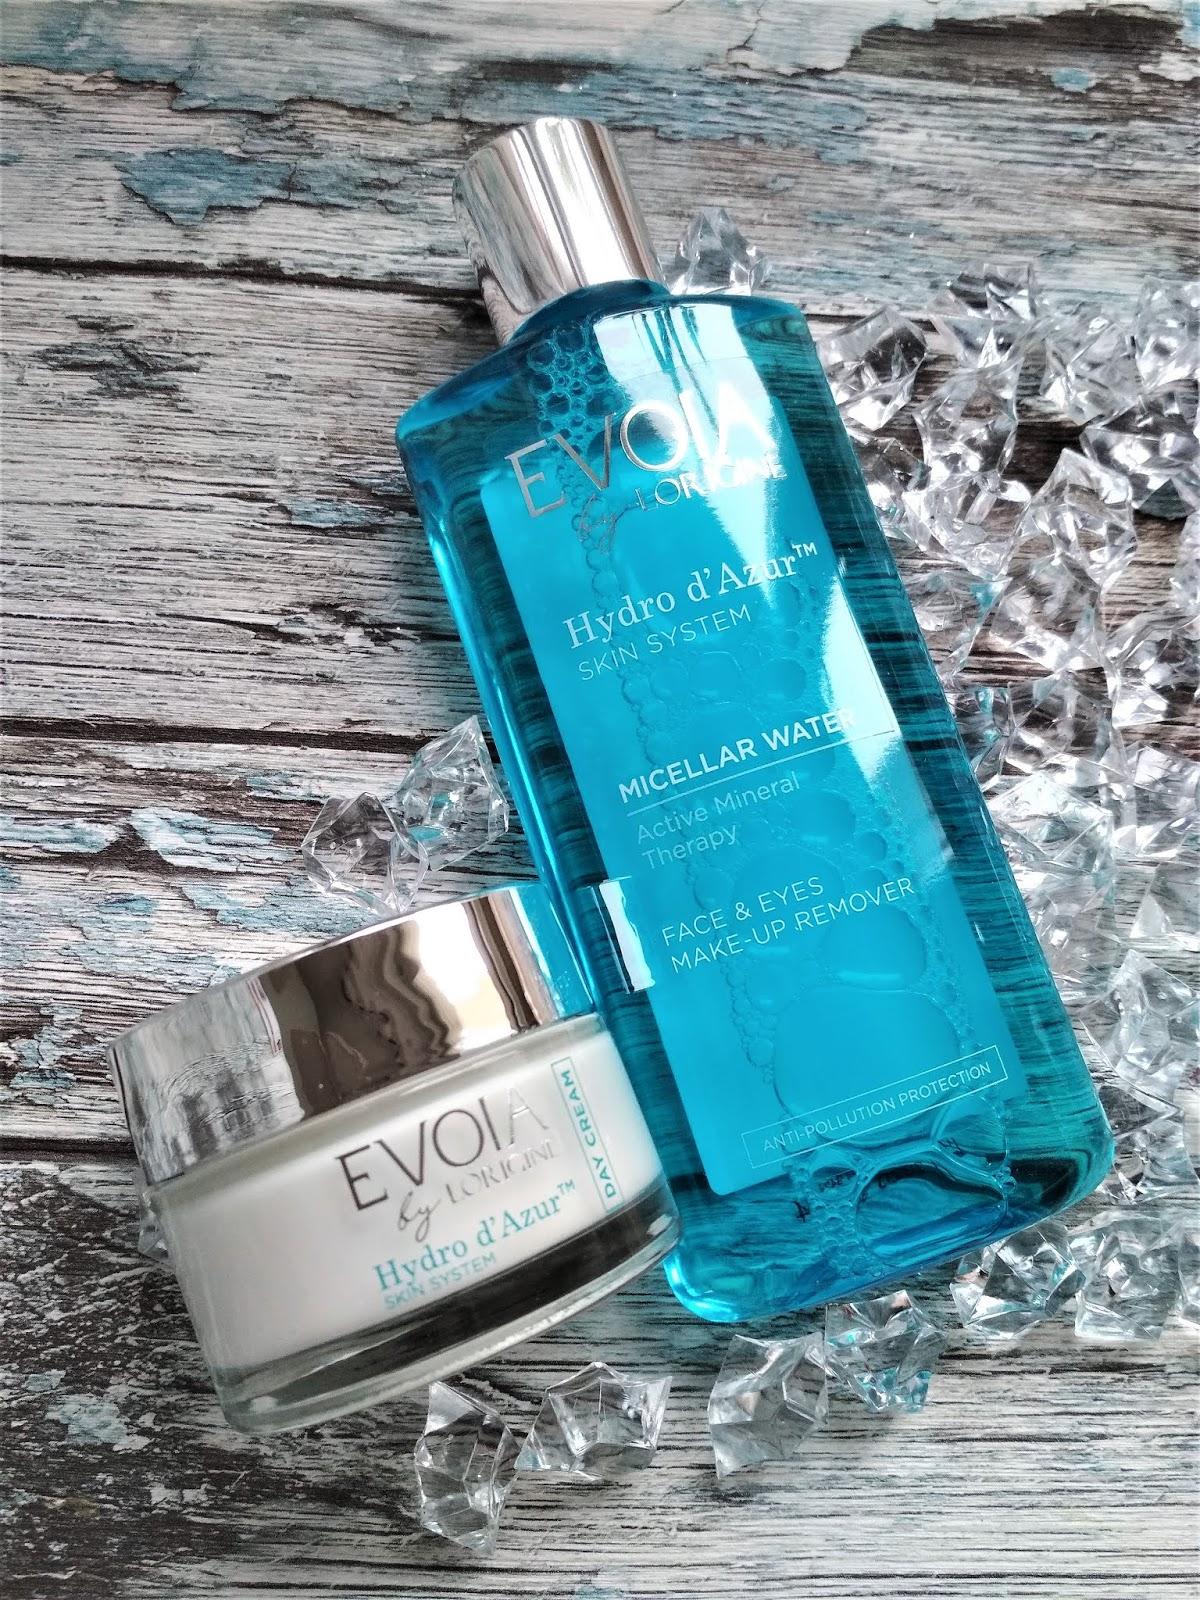 EVOIA by Lorigine Płyn micelarny i krem na dzień Hydro d'Azur, evoia, lorigine, lorigine pielęgnacja, pielegnacja, kosmetyki nawilżające